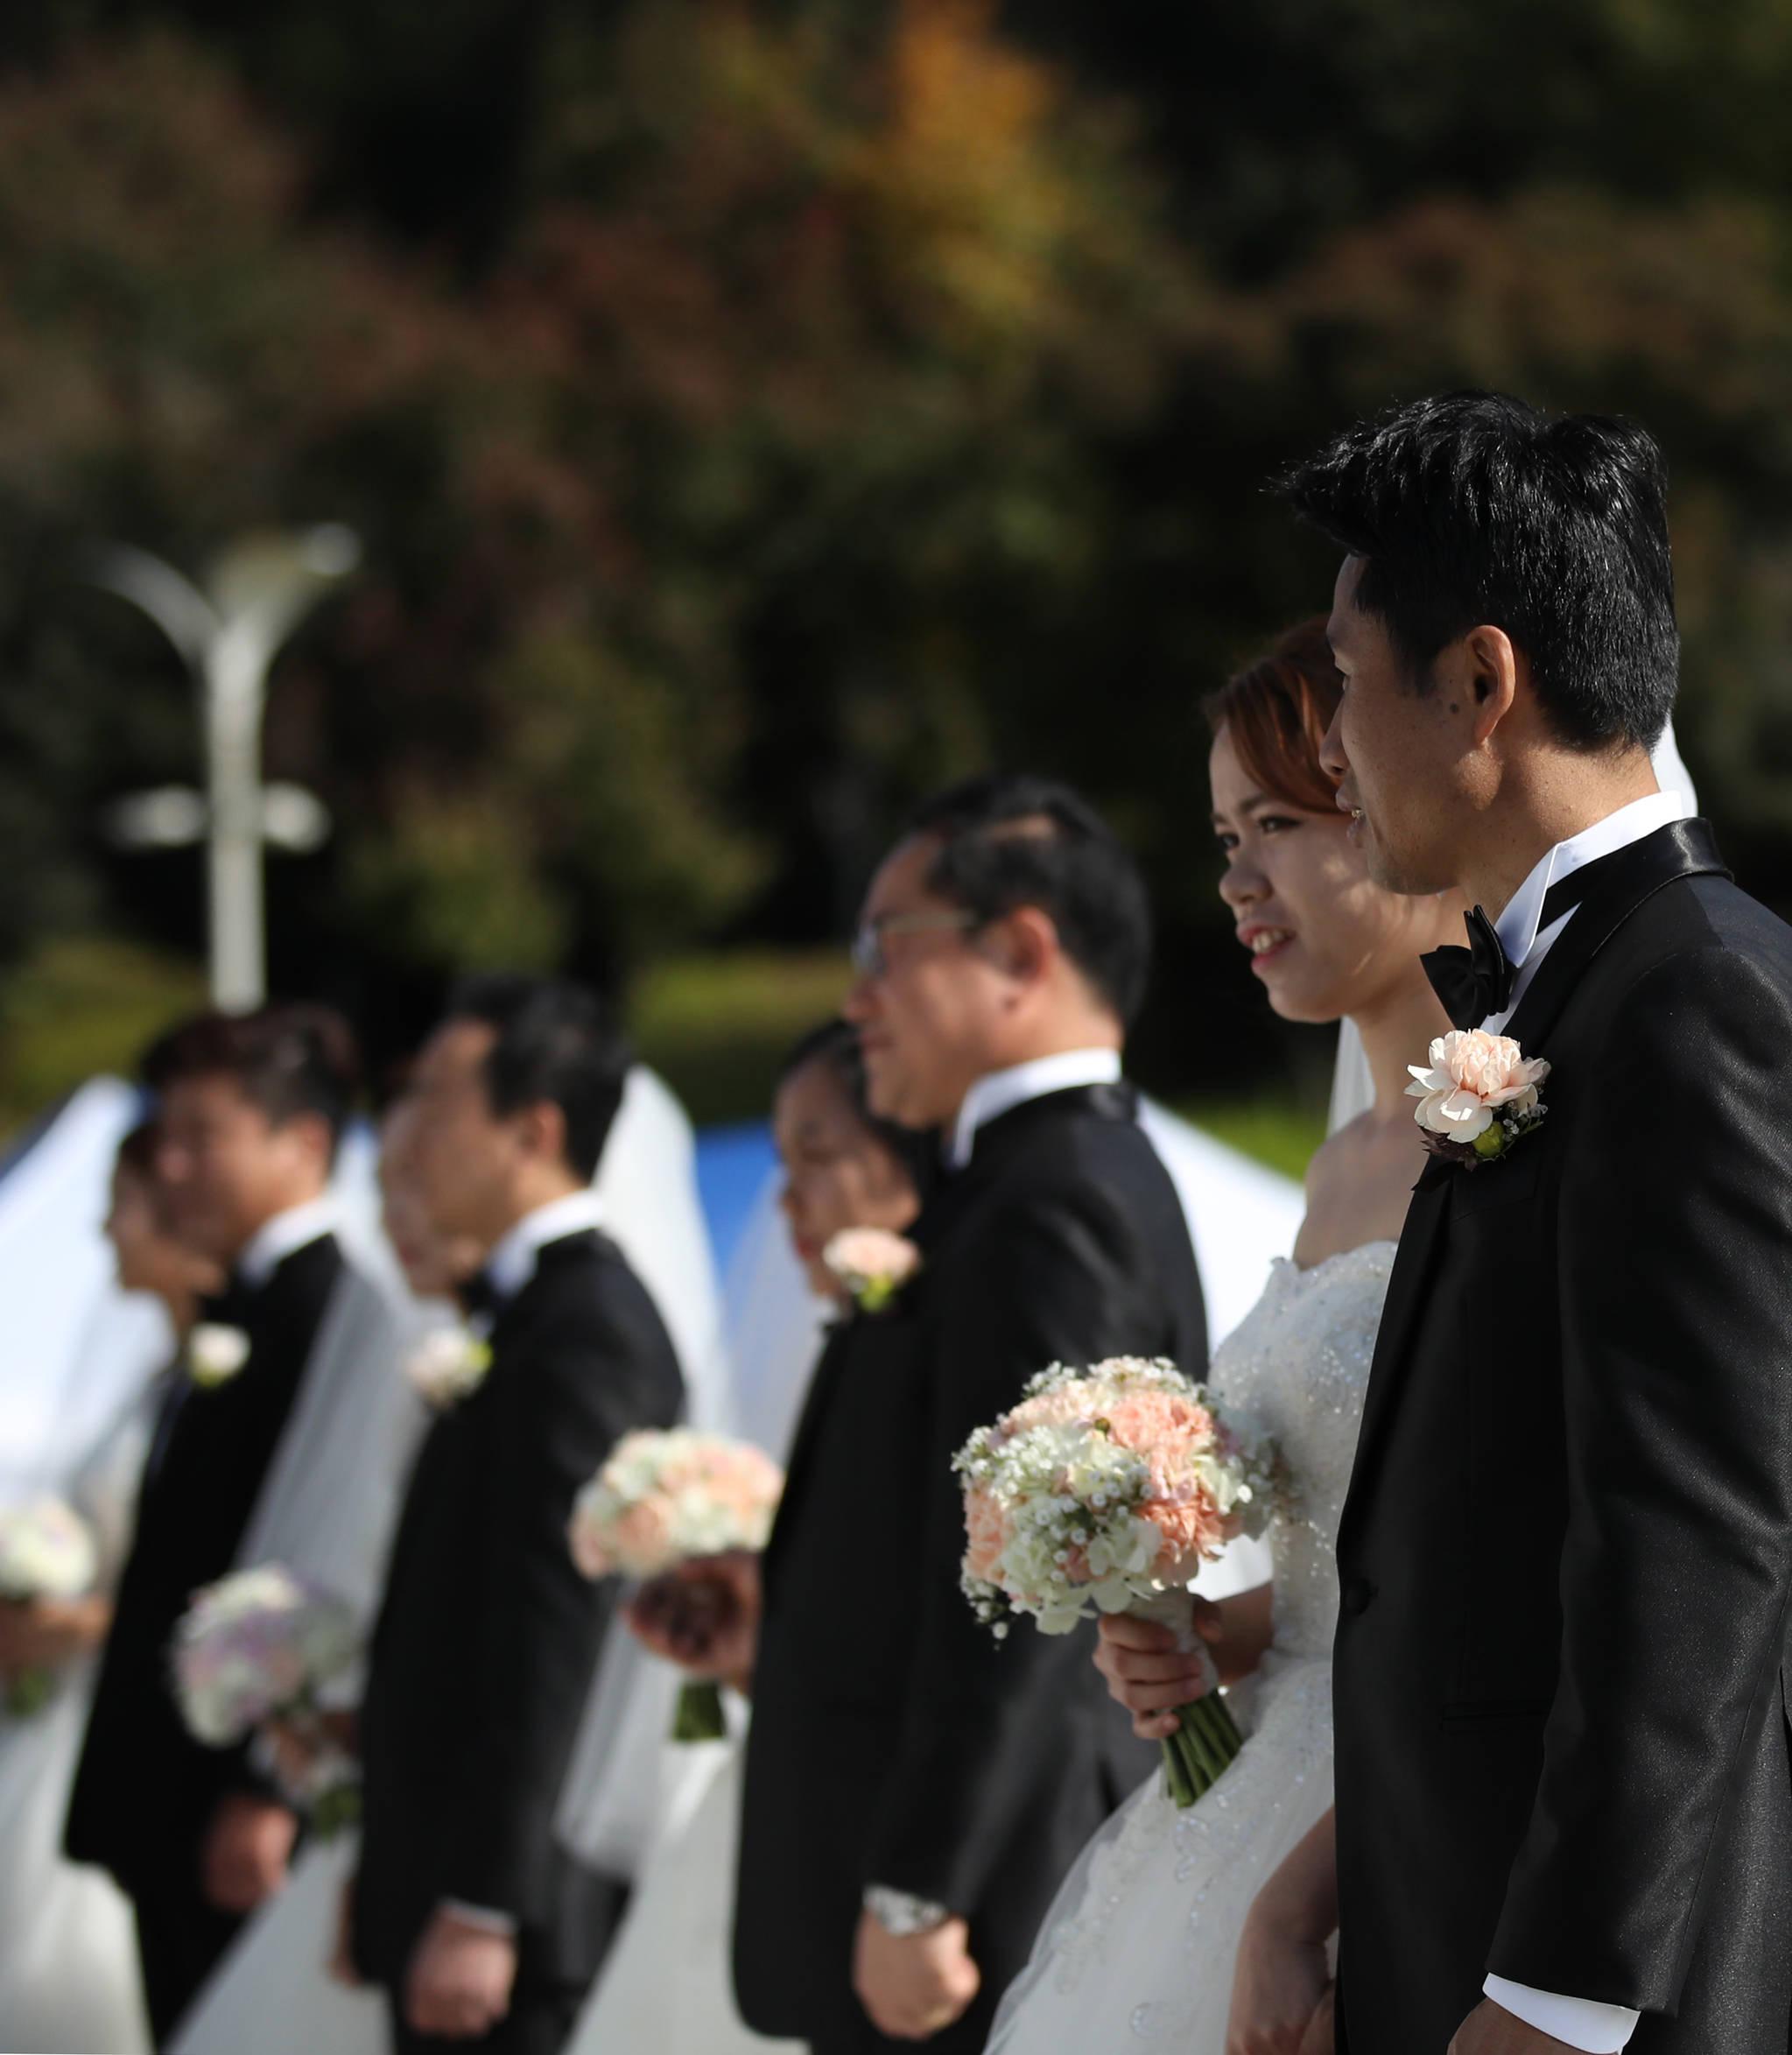 지난해 10월 서울 강동구에서 열린 다문화가족 합동결혼식. [연합뉴스]